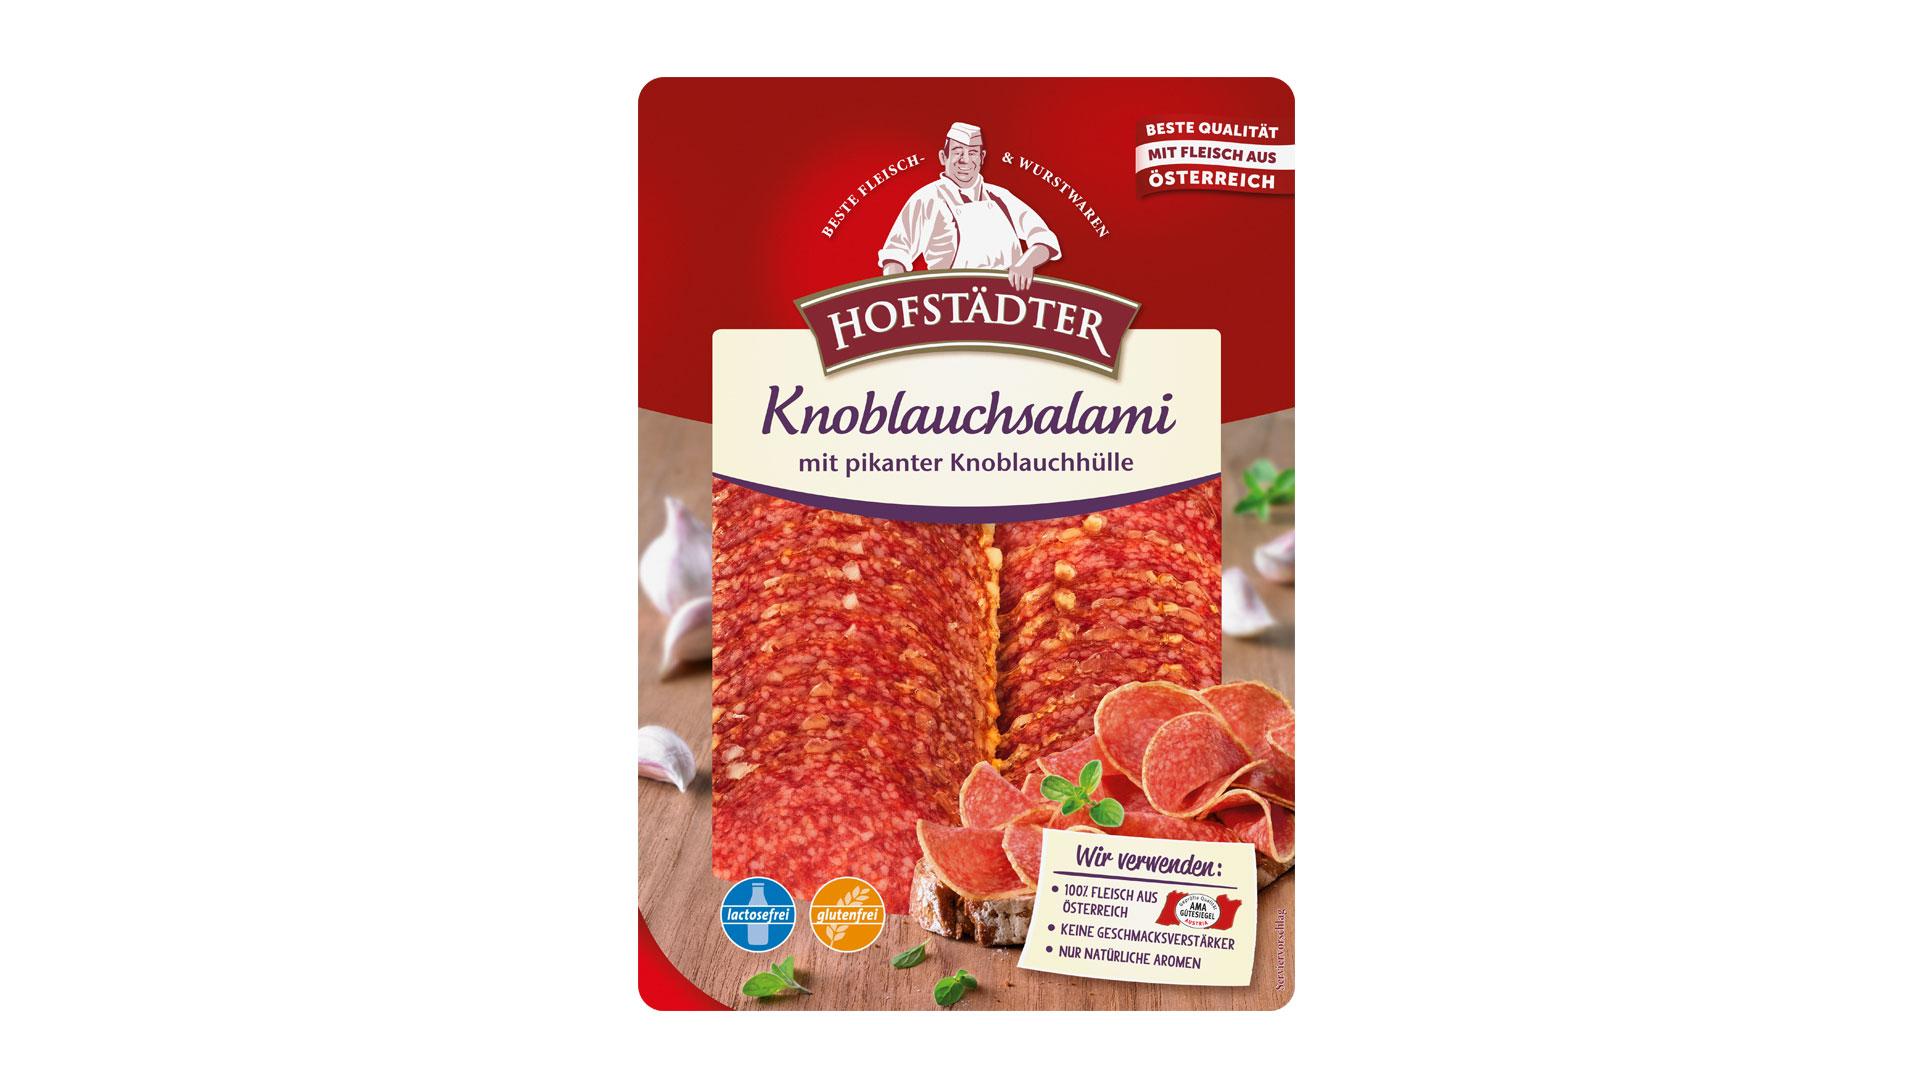 Hofstädter Knoblauchsalami